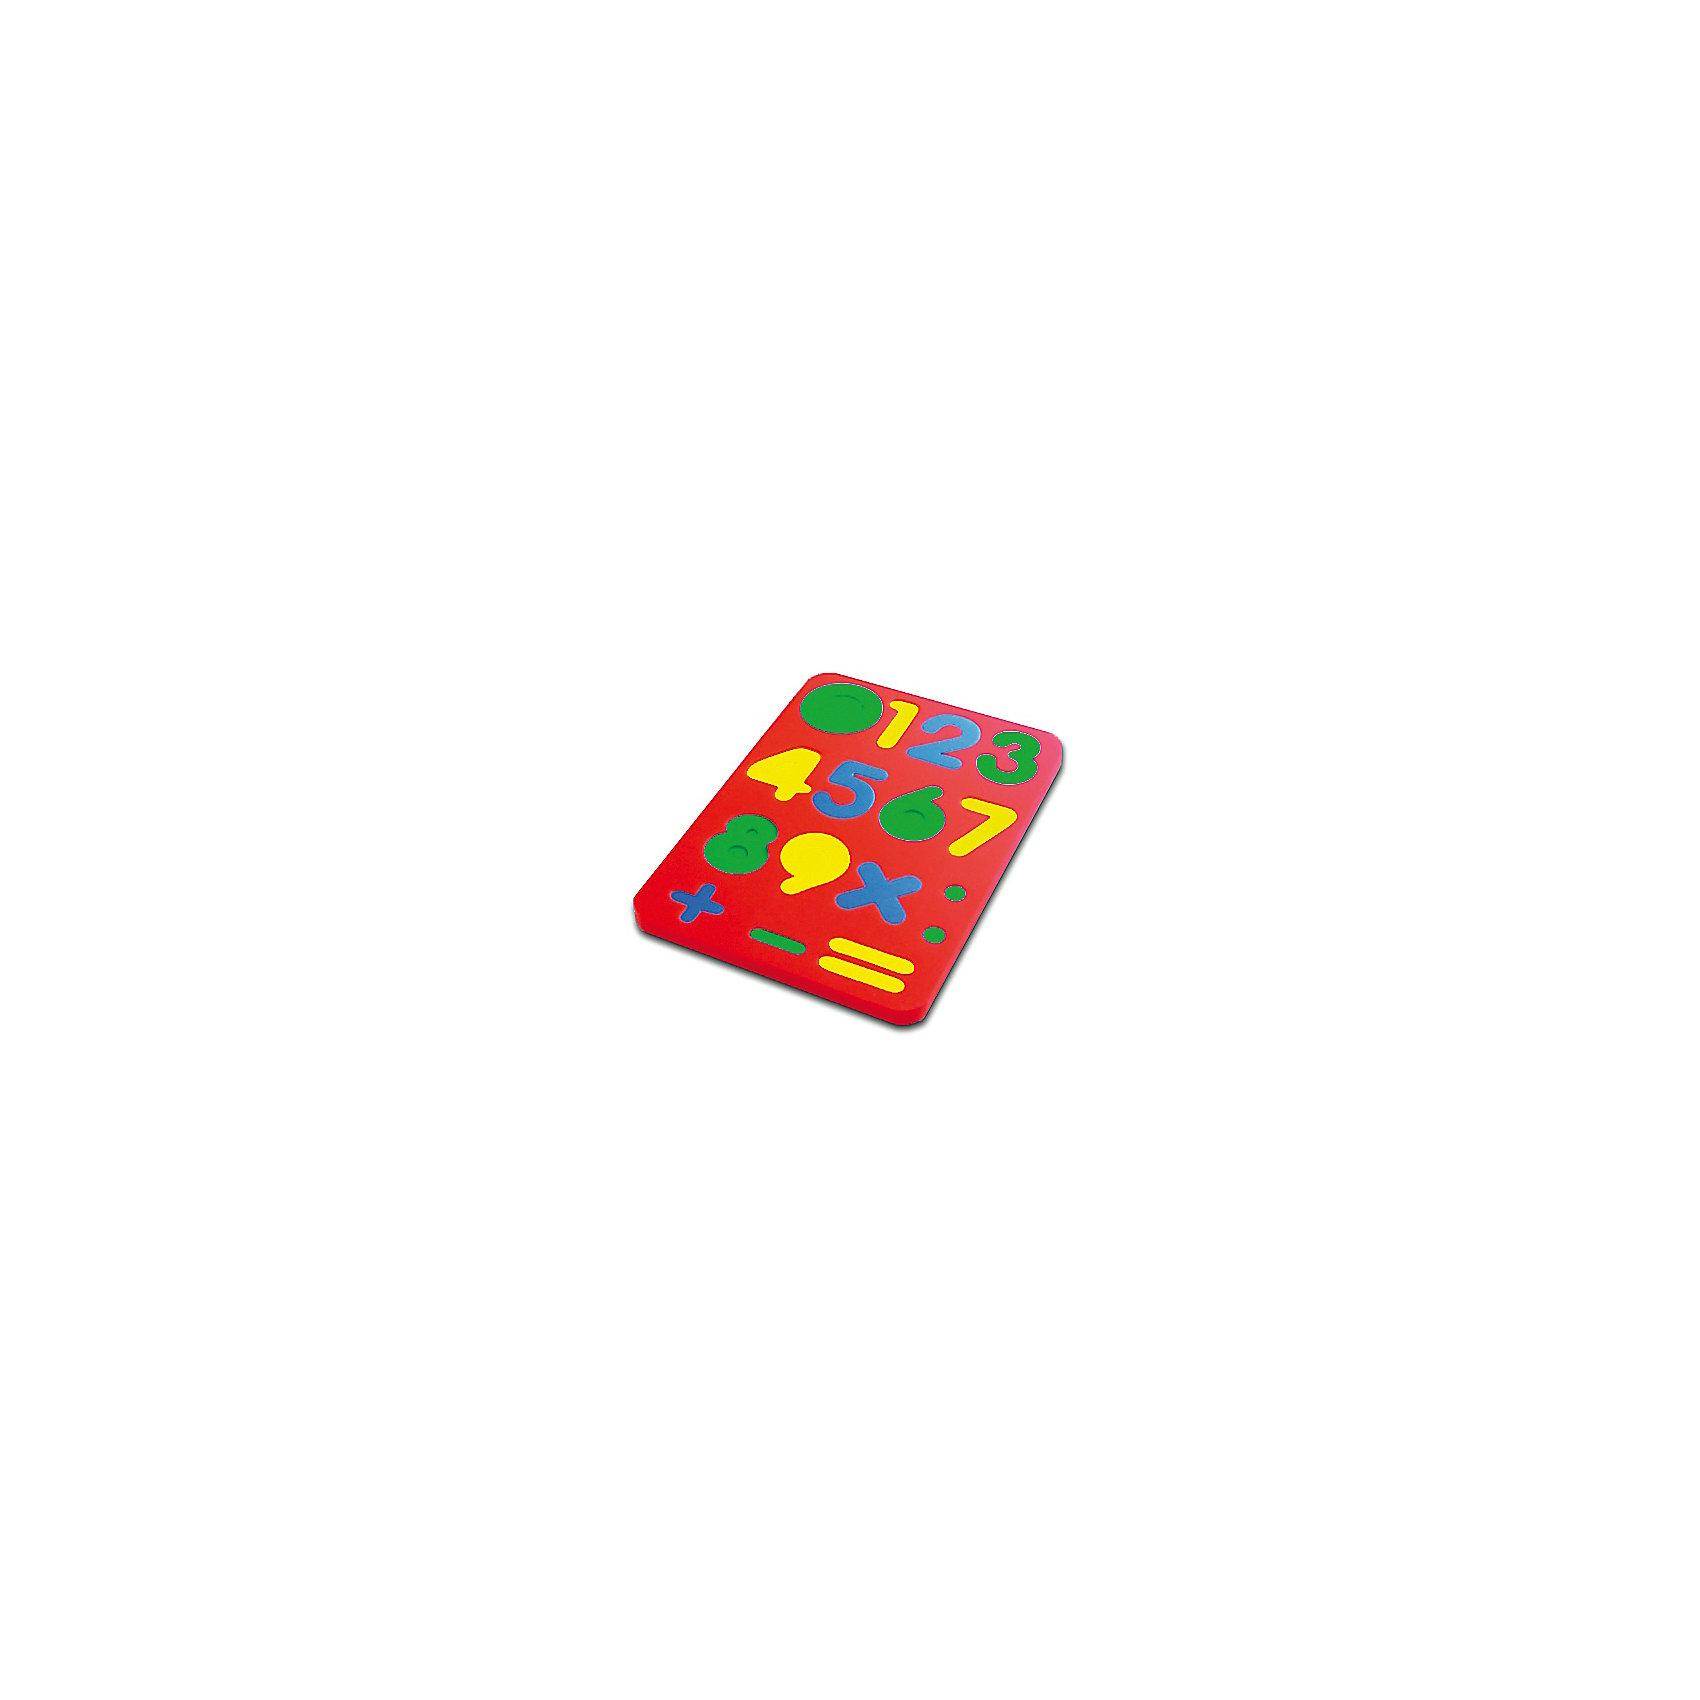 Цифры, Мир деревянных игрушекДеревянные игрушки<br>Изучать цифры можно в игровой форме! Специально для самых маленьких разработаны сортеры, сделанные из вспененного легкого приятного на ощупь материала. Вставляя цифры в рамки, малыш будет запоминать их, учиться соотносить фигуры, распознавать цвета, развивать пространственное мышление, память и мелкую моторику. Этот пазл произведен из качественных и безопасных для детей материалов.<br><br>Дополнительная информация:<br><br>цвет: разноцветный;<br>материал: вспененный полимер;<br>размер упаковки: 23 x 17 x 7 см.<br><br>Пазл Цифры от бренда Бомик можно купить в нашем магазине.<br><br>Ширина мм: 140<br>Глубина мм: 5<br>Высота мм: 205<br>Вес г: 357<br>Возраст от месяцев: 36<br>Возраст до месяцев: 84<br>Пол: Унисекс<br>Возраст: Детский<br>SKU: 4968997